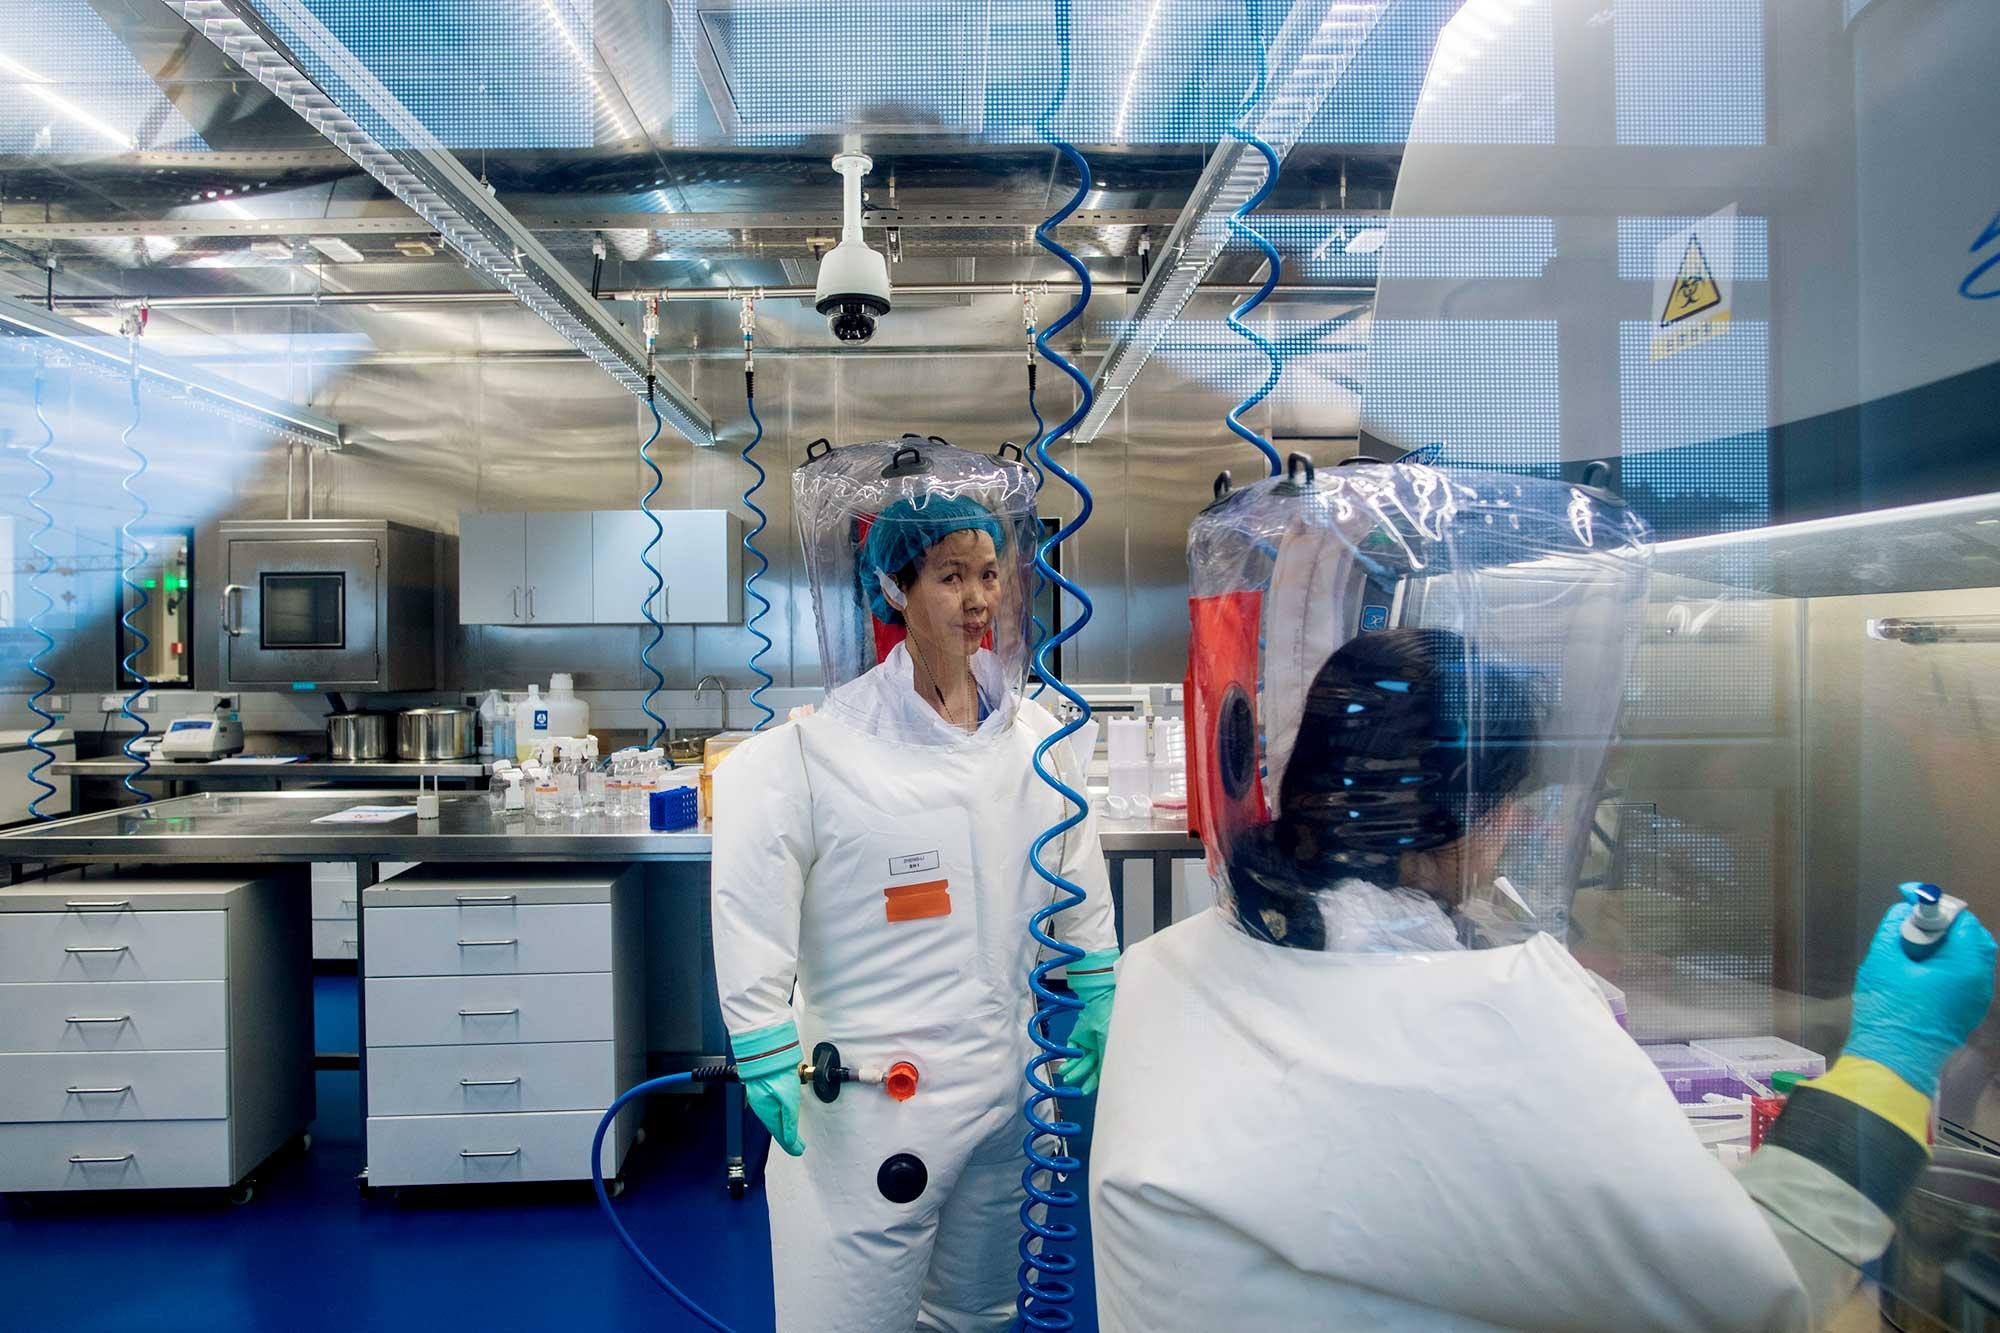 Chuyên gia Pháp bác khả năng virus thoát ra từ Viện Virus học Vũ Hán - ảnh 1